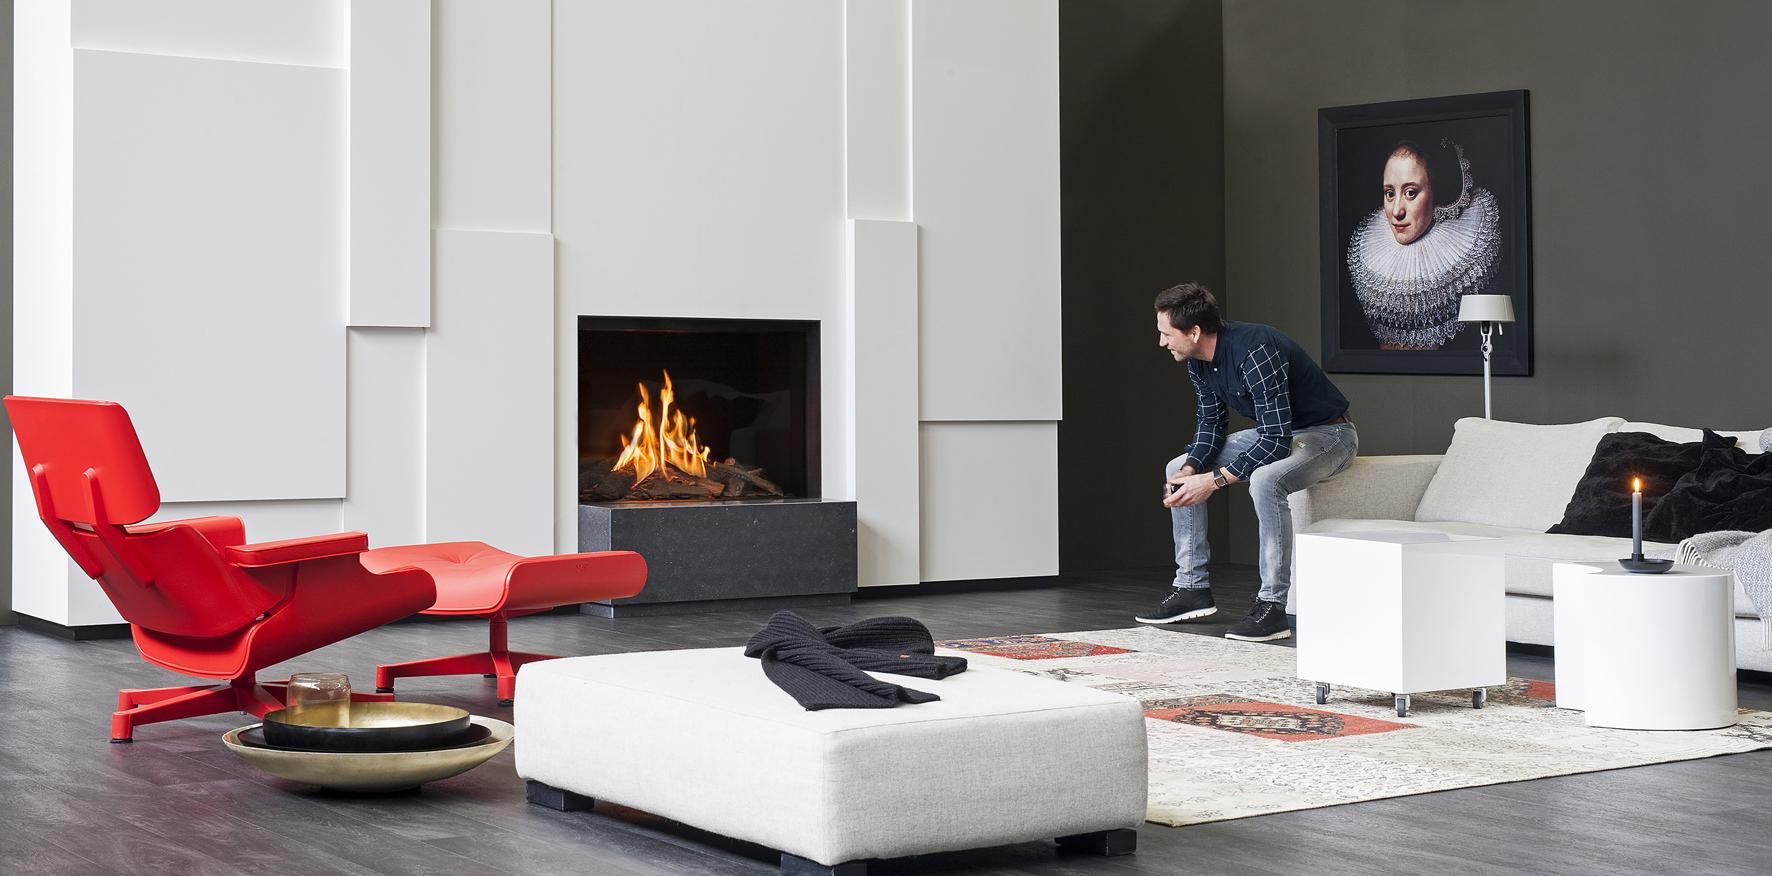 De Faber gashaard MatriX 650-I is een moderne frameless fronthaard met de innovatieve Log Burner 2.0®.  De huidige interieurtrend is een revival van charme. De houtstammen zijn terug en het echte vlammenbeeld is weer hot. Naast de haard integreert men kasten, een tv-wand, legplanken voor boeken of sfeervolle verlichting. Zo vormt de haard een mooi geheel met de rest van de woonkamer.